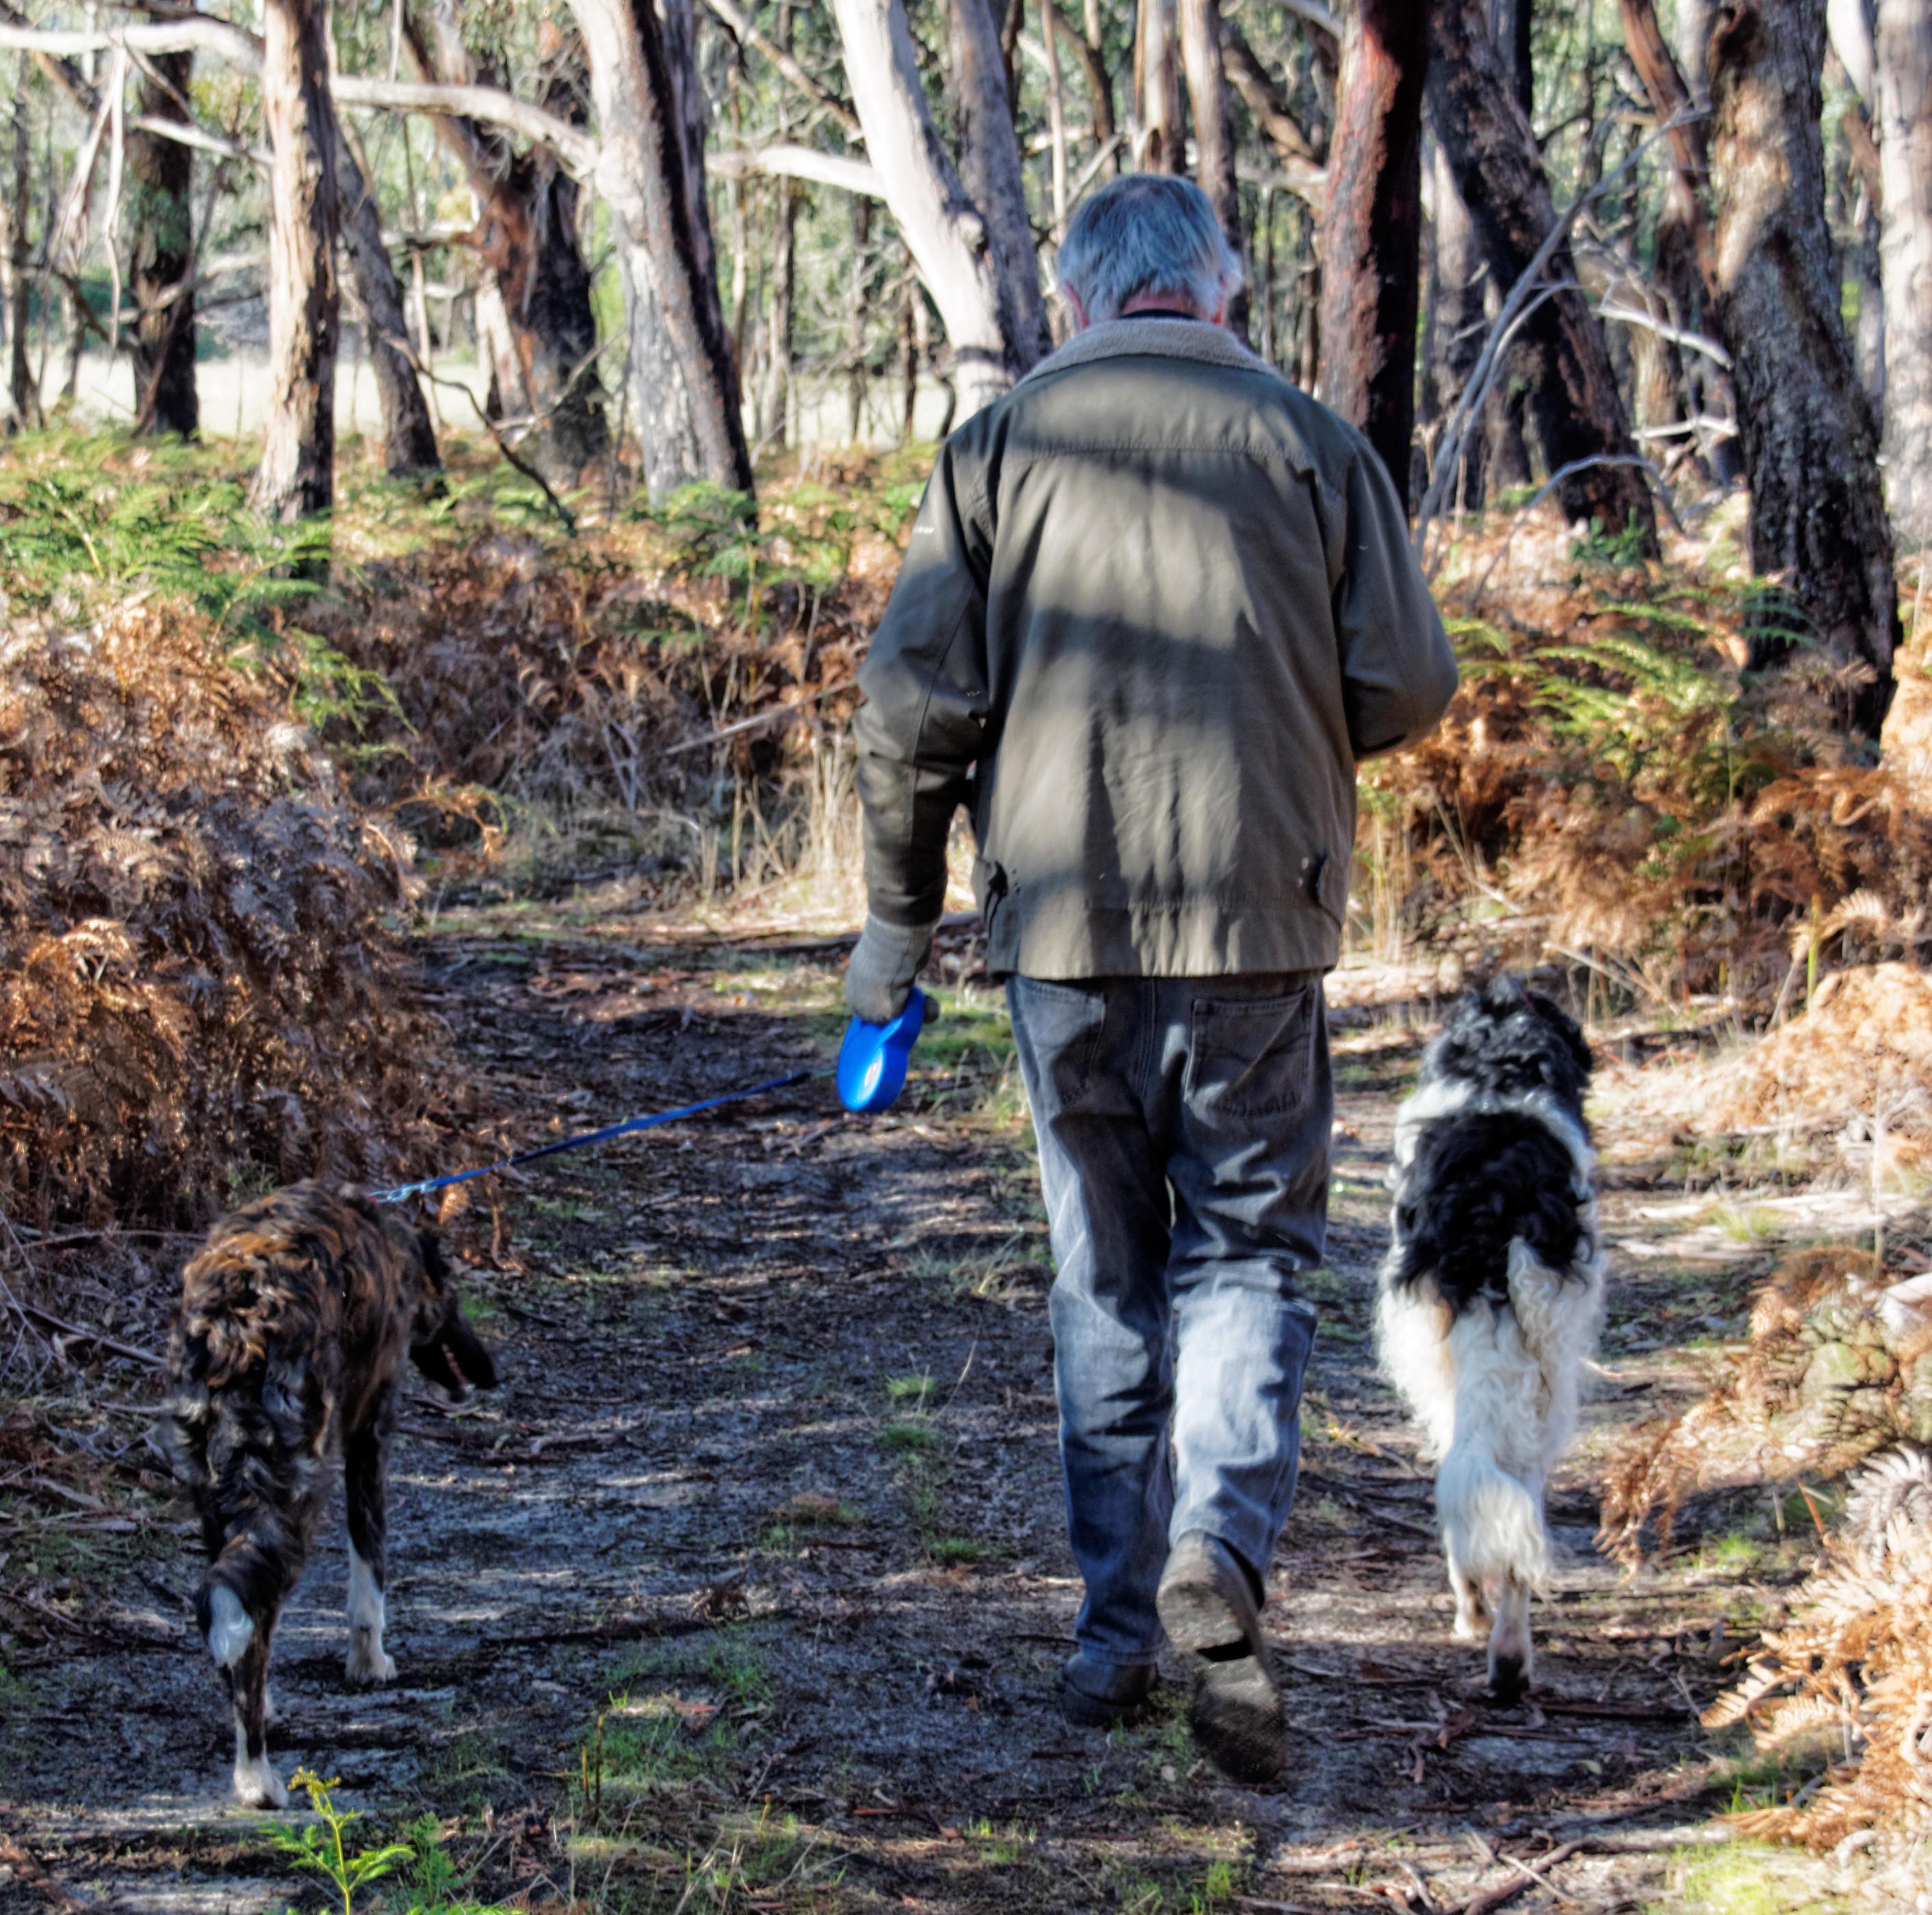 Greg-and-dogs-5.jpeg